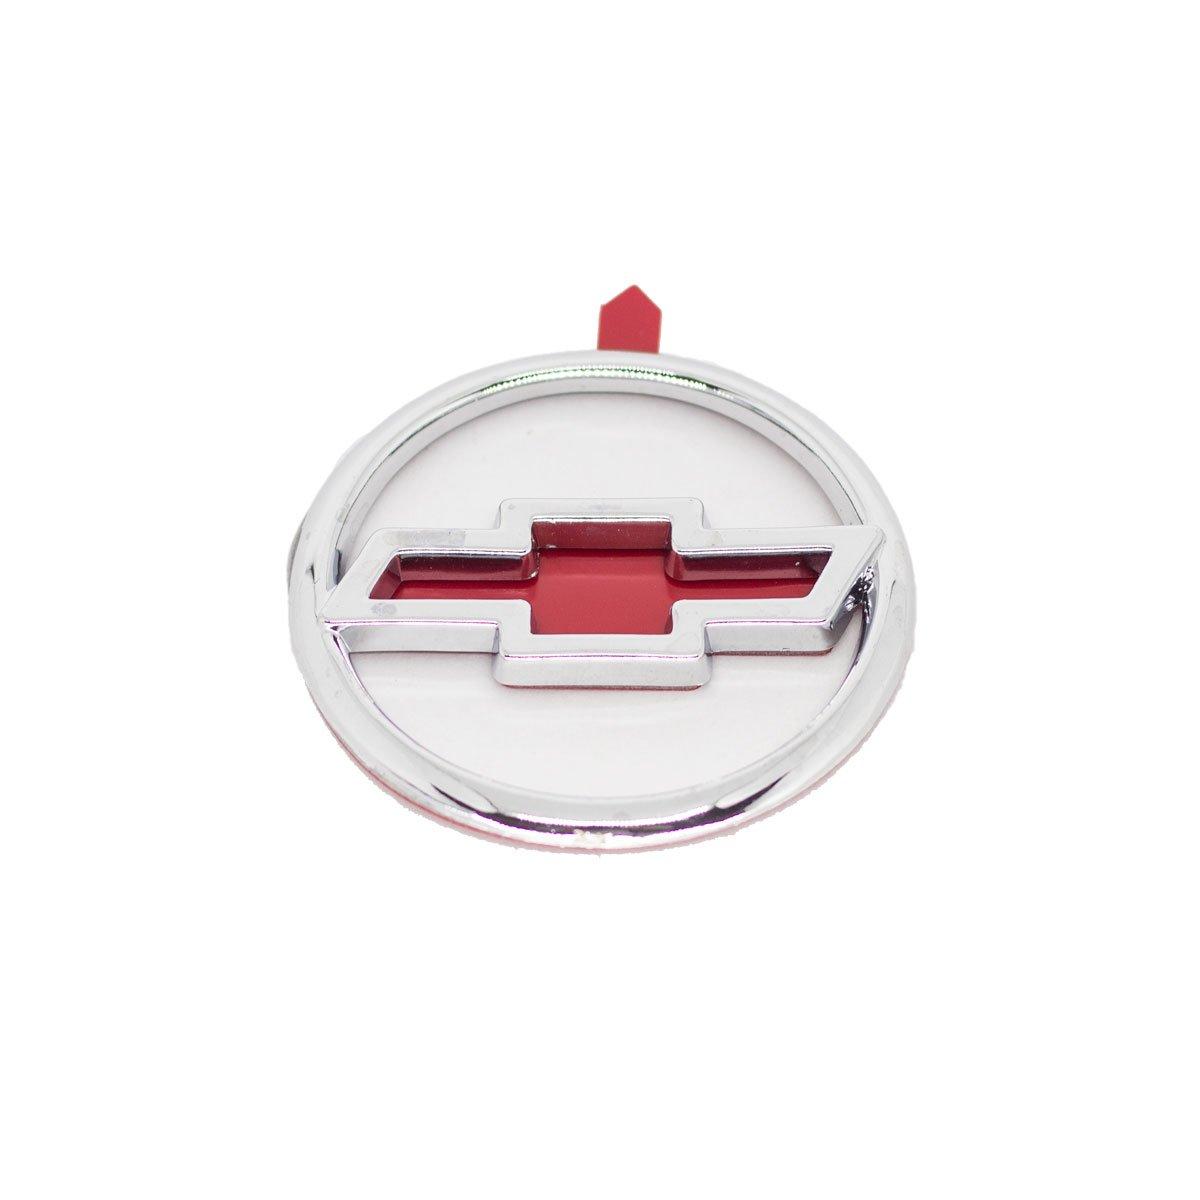 Emblema Capô/Porta Malas Vectra 96/ Cromado